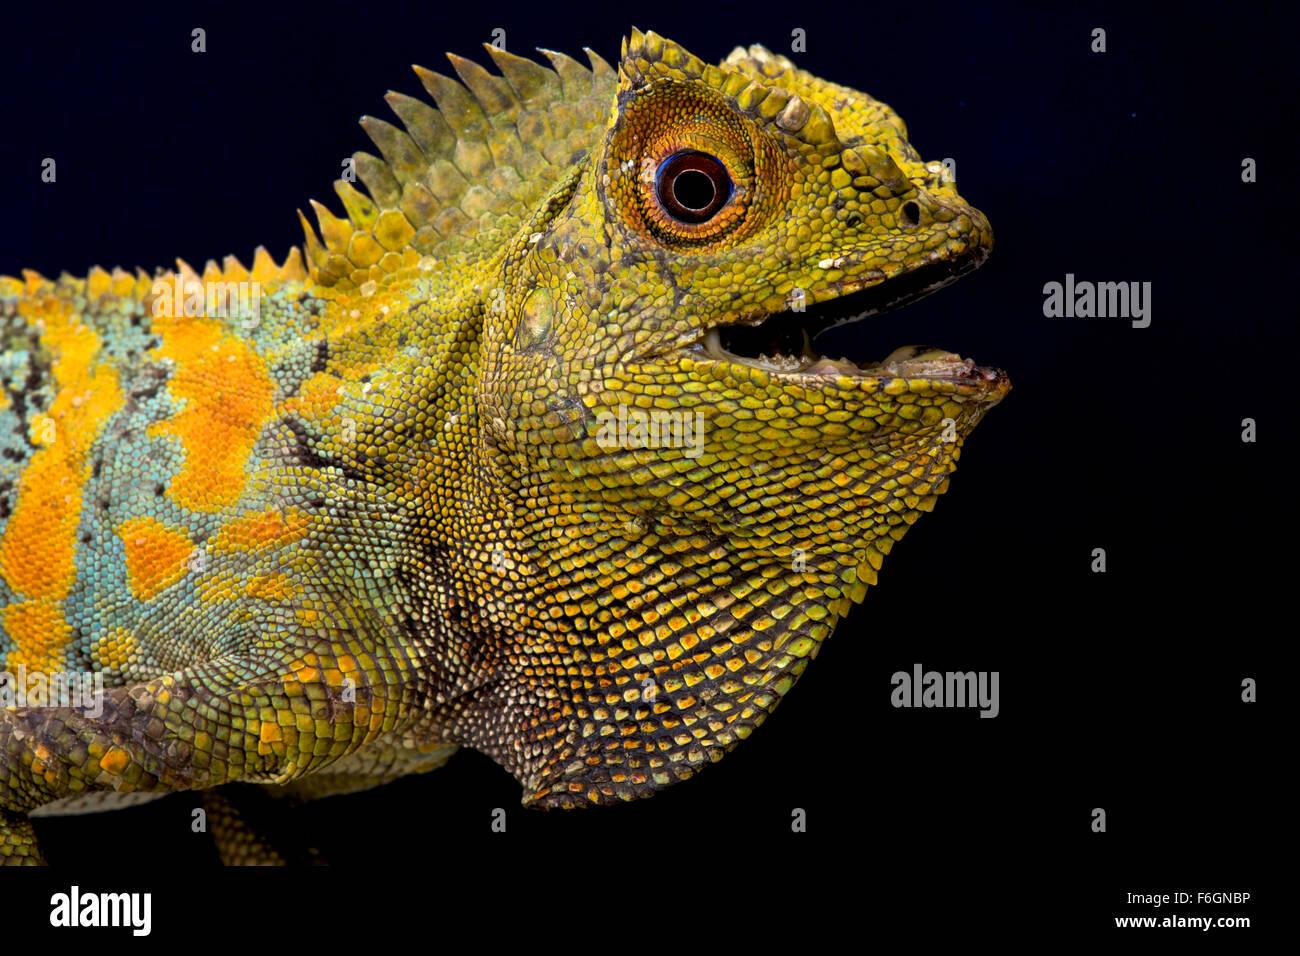 Javan Humphead Lizard (Gonocephalus chamaeleontinus) - Stock Image